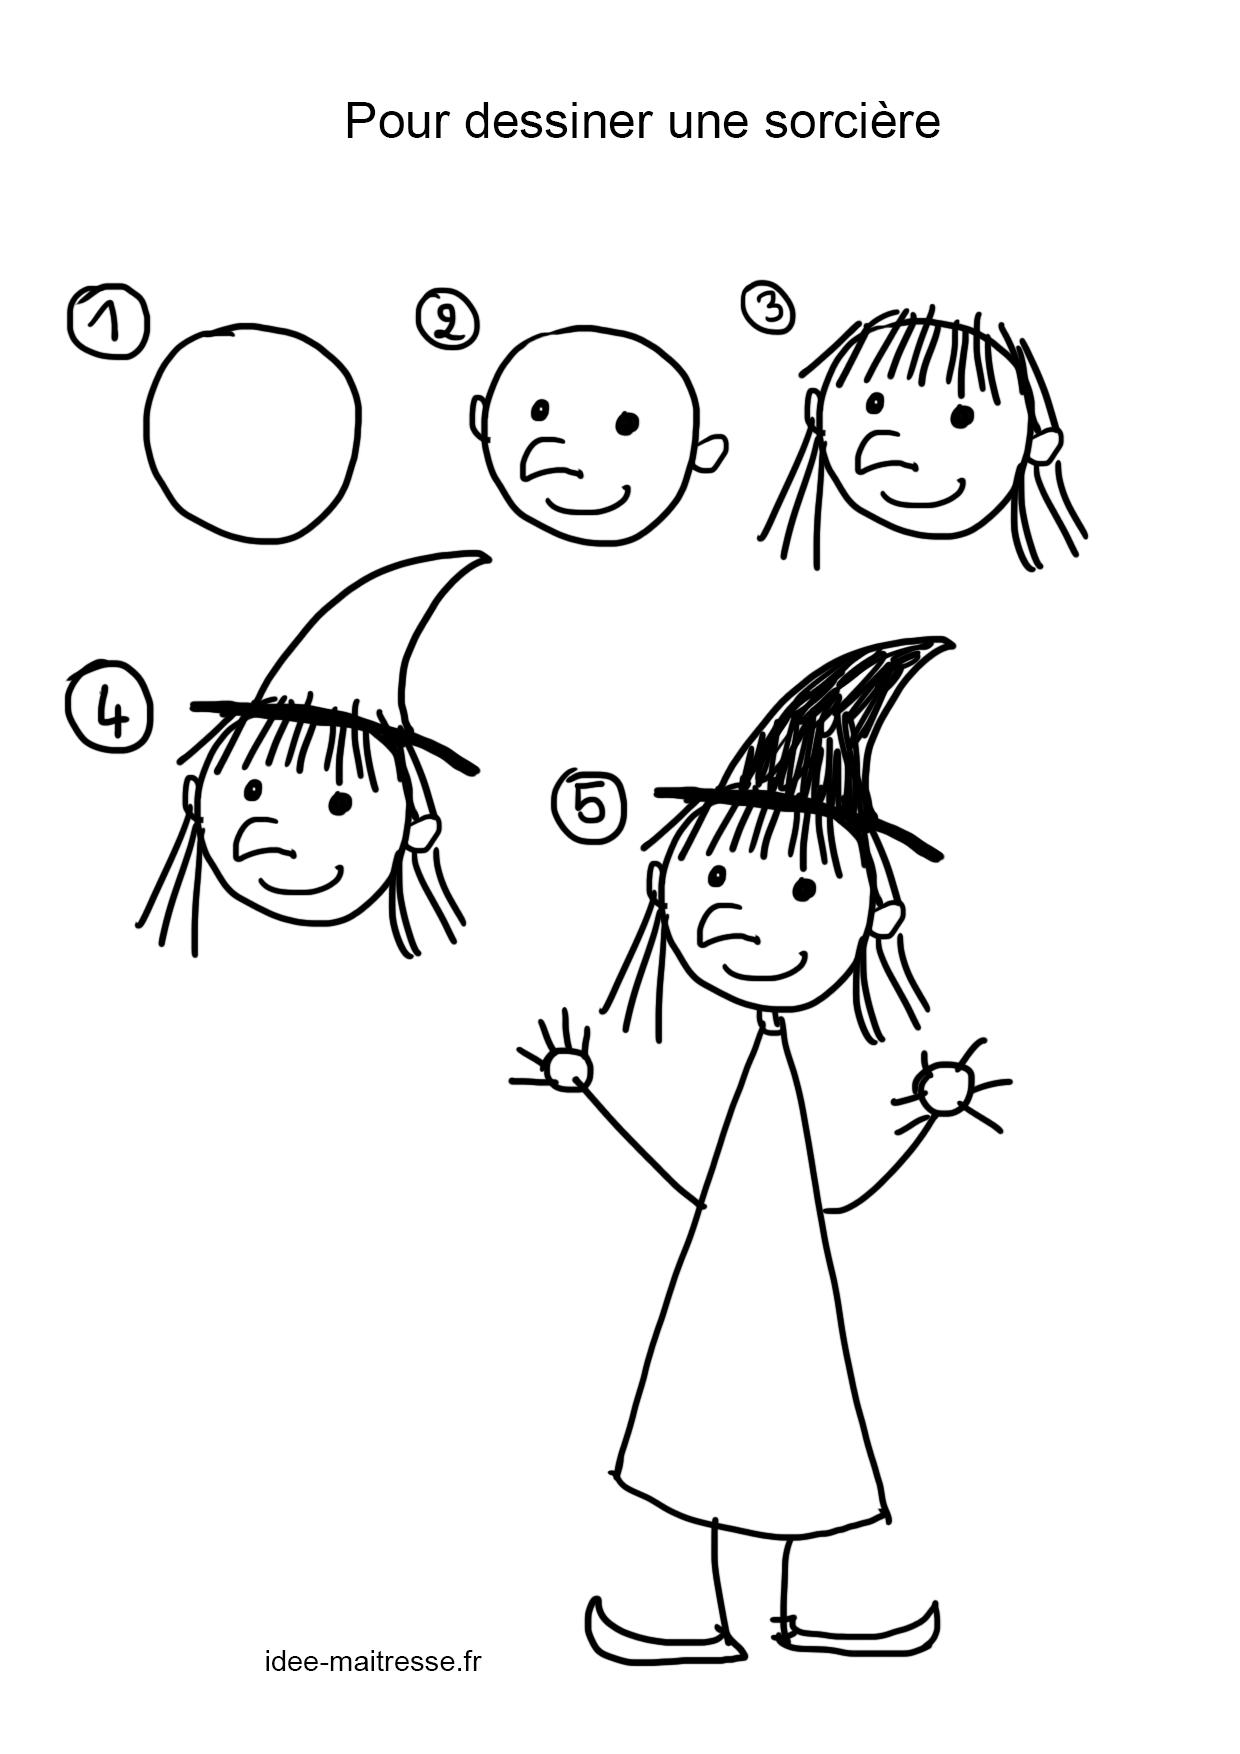 Pour Dessiner Une Sorcière – Idée Maîtresse, Éditions à Apprendre À Dessiner Halloween